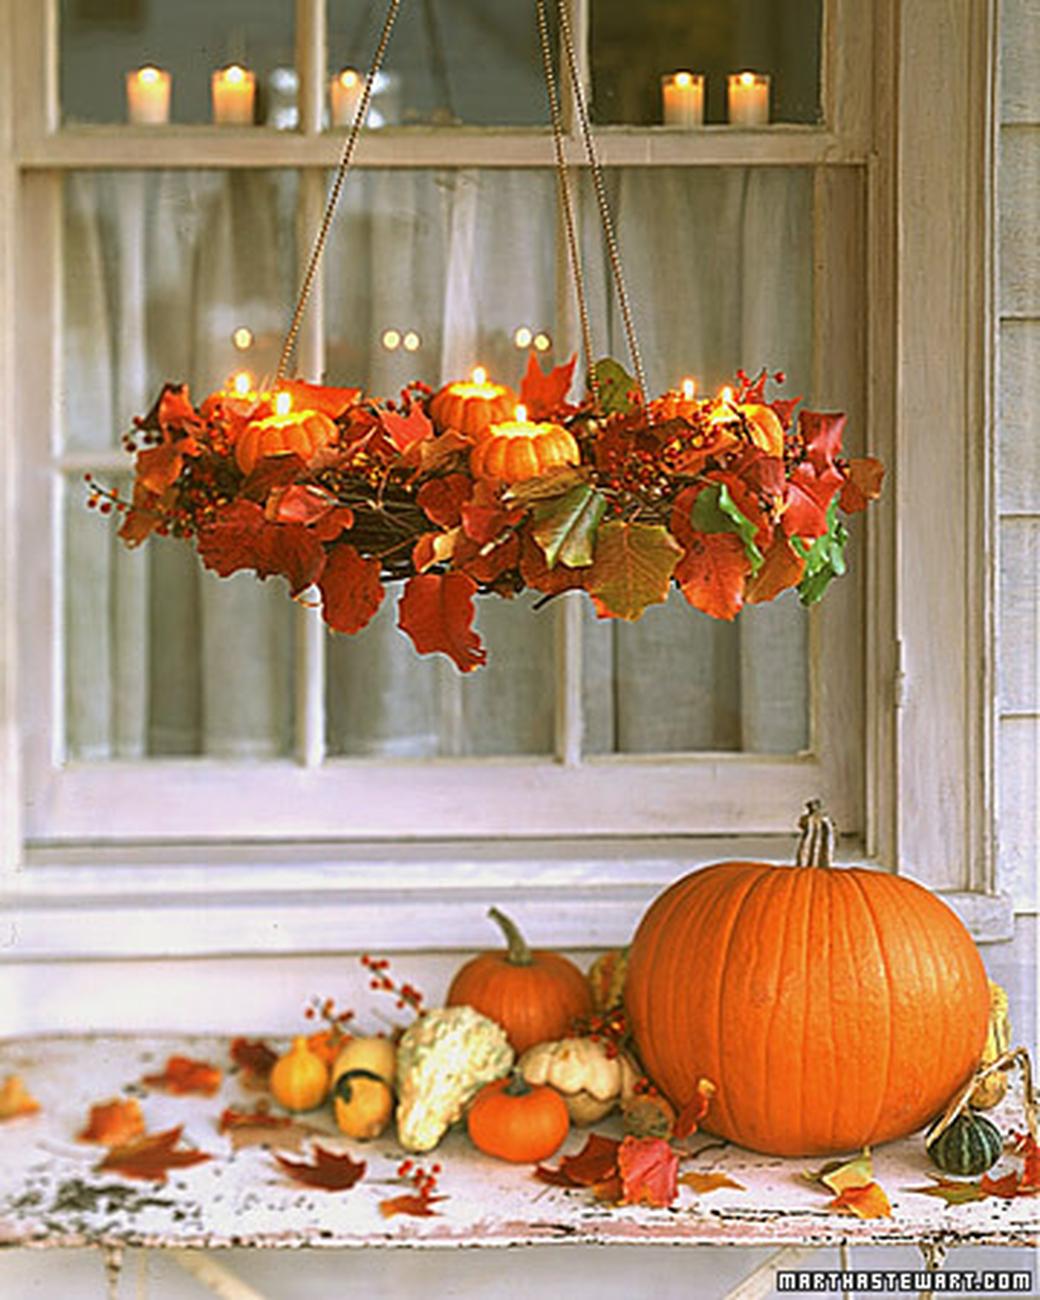 Wreath hanger & pumpkins from Martha Stewart Living   asavvylifestyle.com